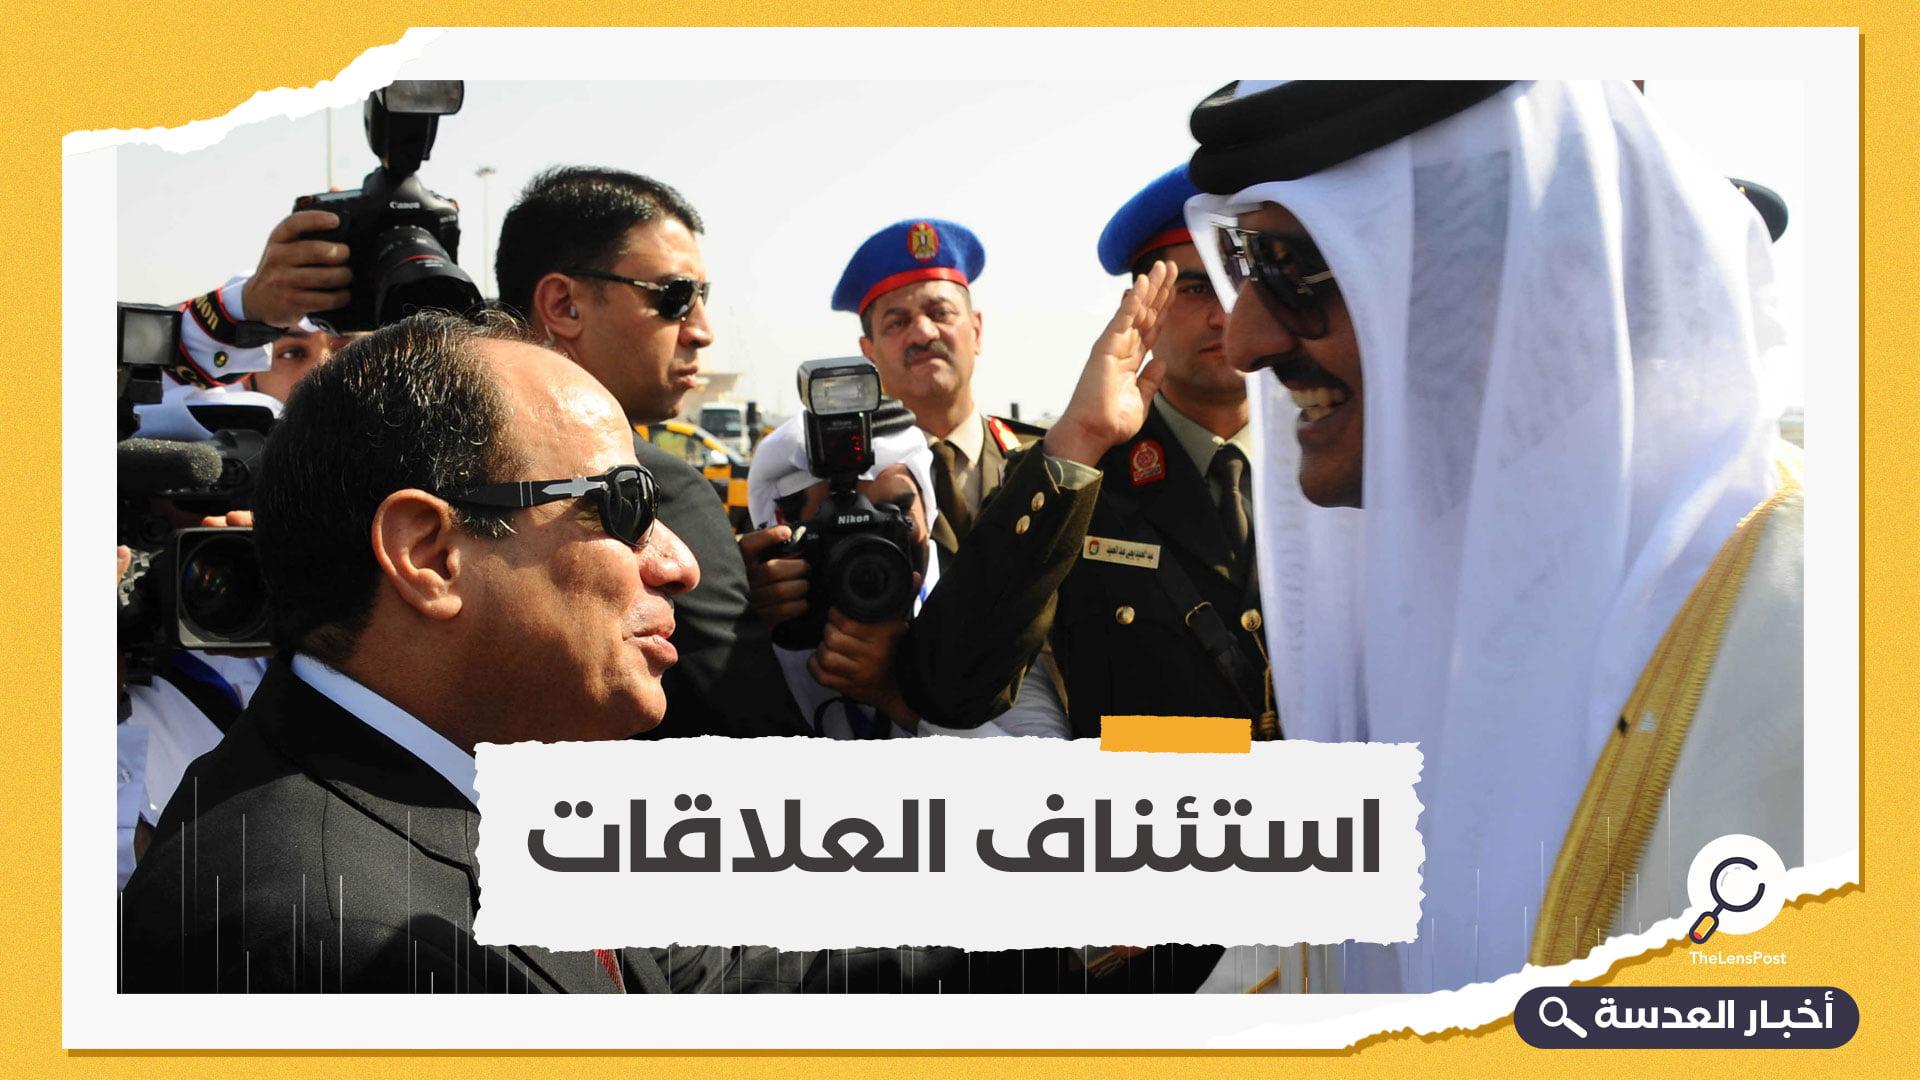 رسميًا.. مصر تعلن استئناف العلاقات الدبلوماسية مع قطر